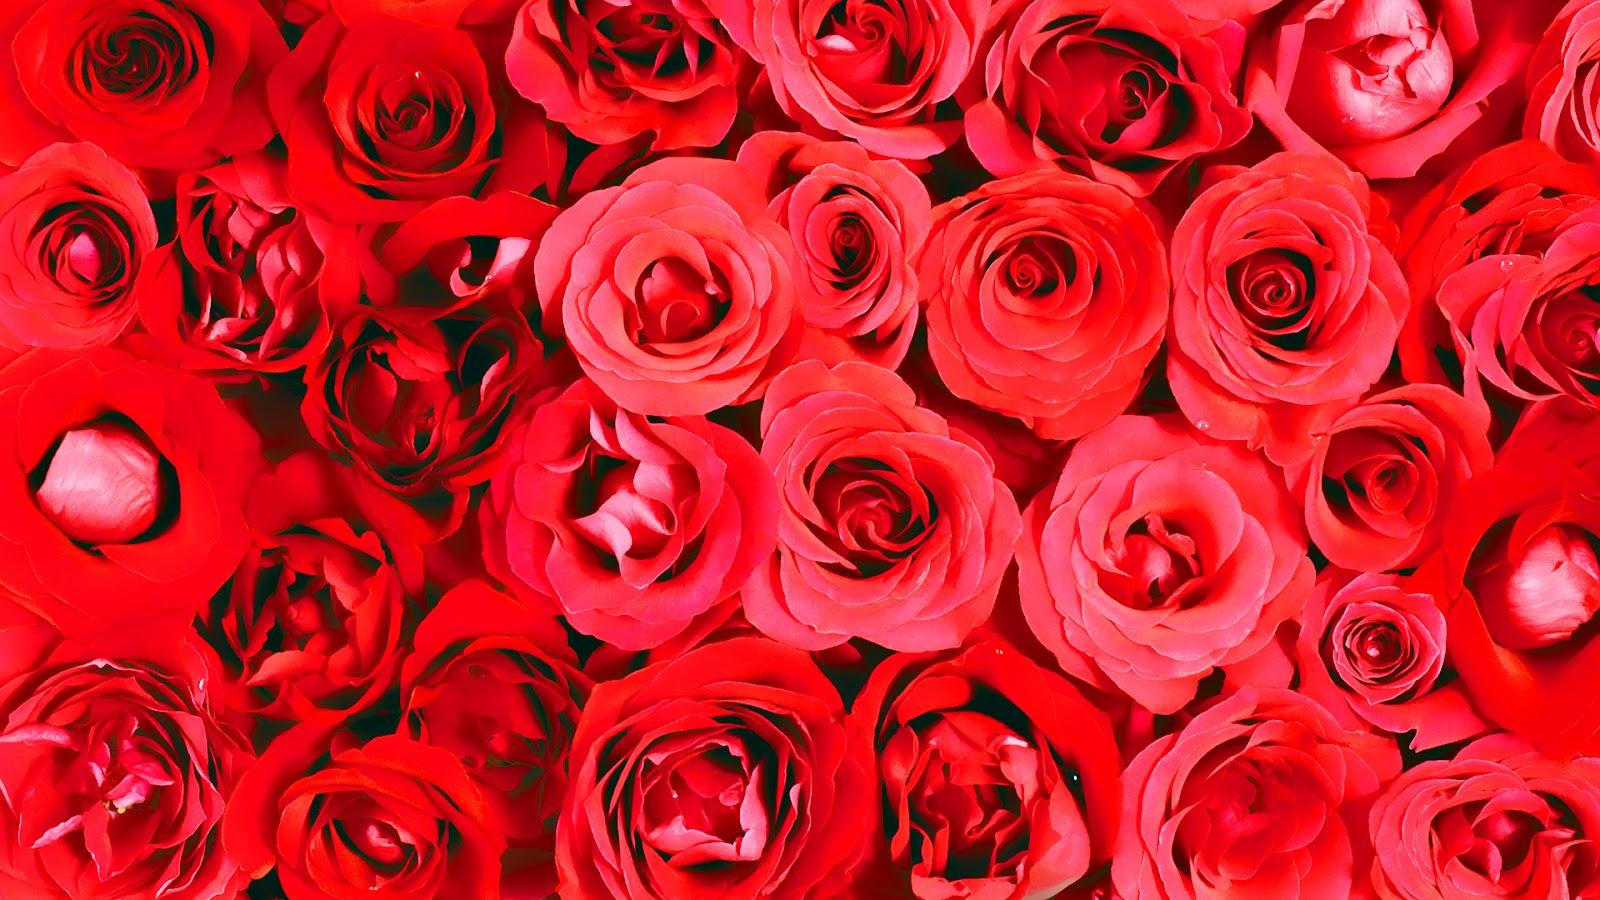 Fondos De Flores Rojas Tumblr Elegante Hintergrund